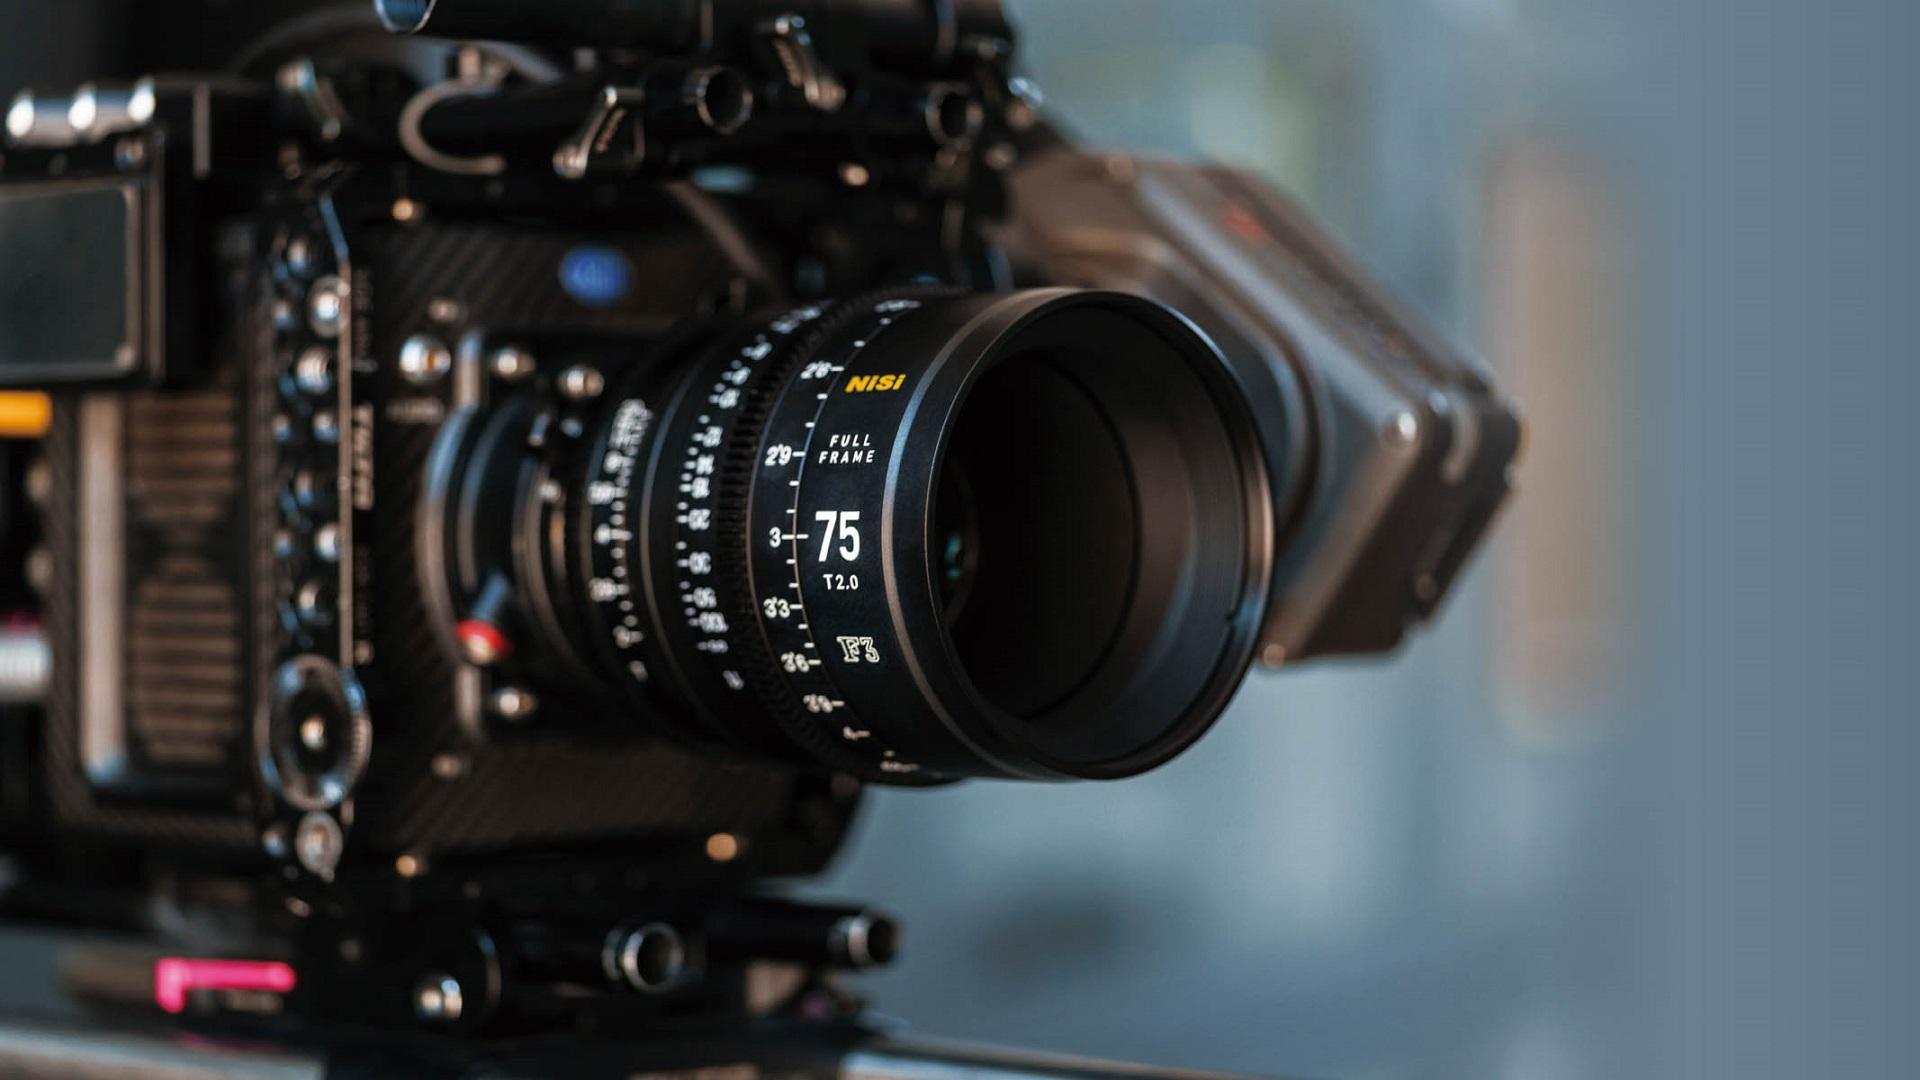 NiSi F3 Full Frame Cinema Prime Lenses Announced   cinema5D